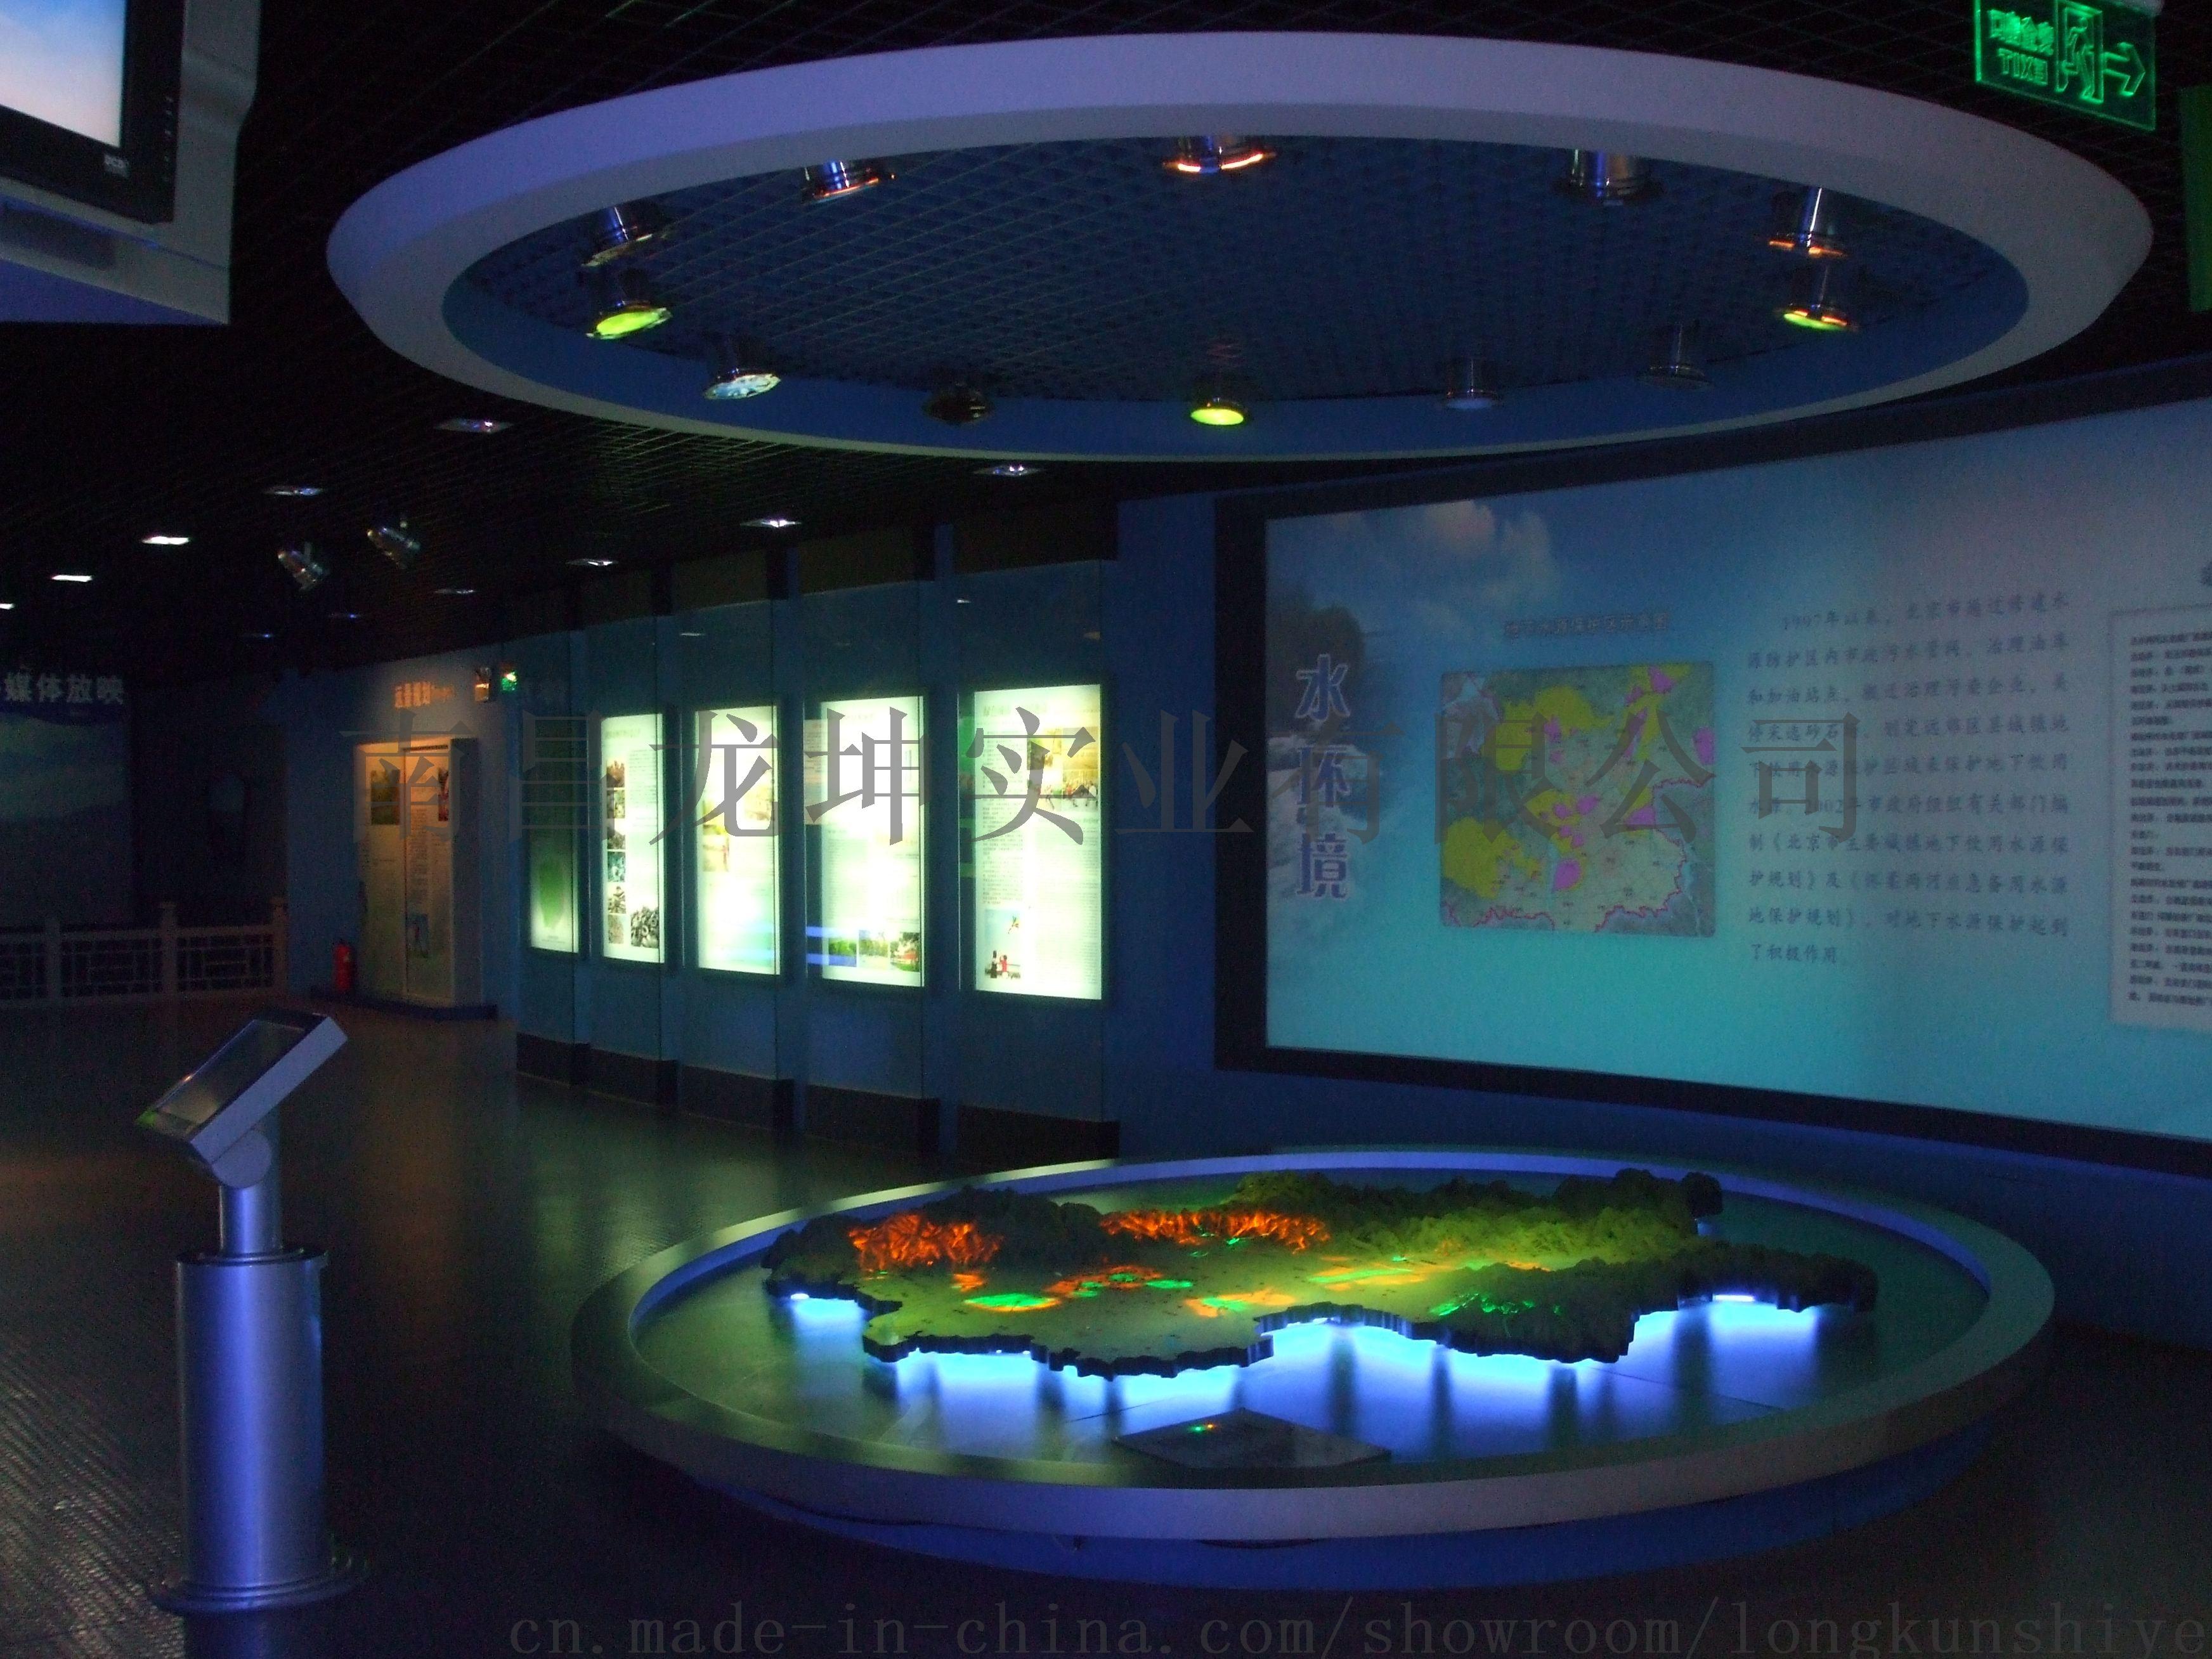 展馆多媒体沙盘声光电互动南昌沙盘公司龙坤公司781153445图片